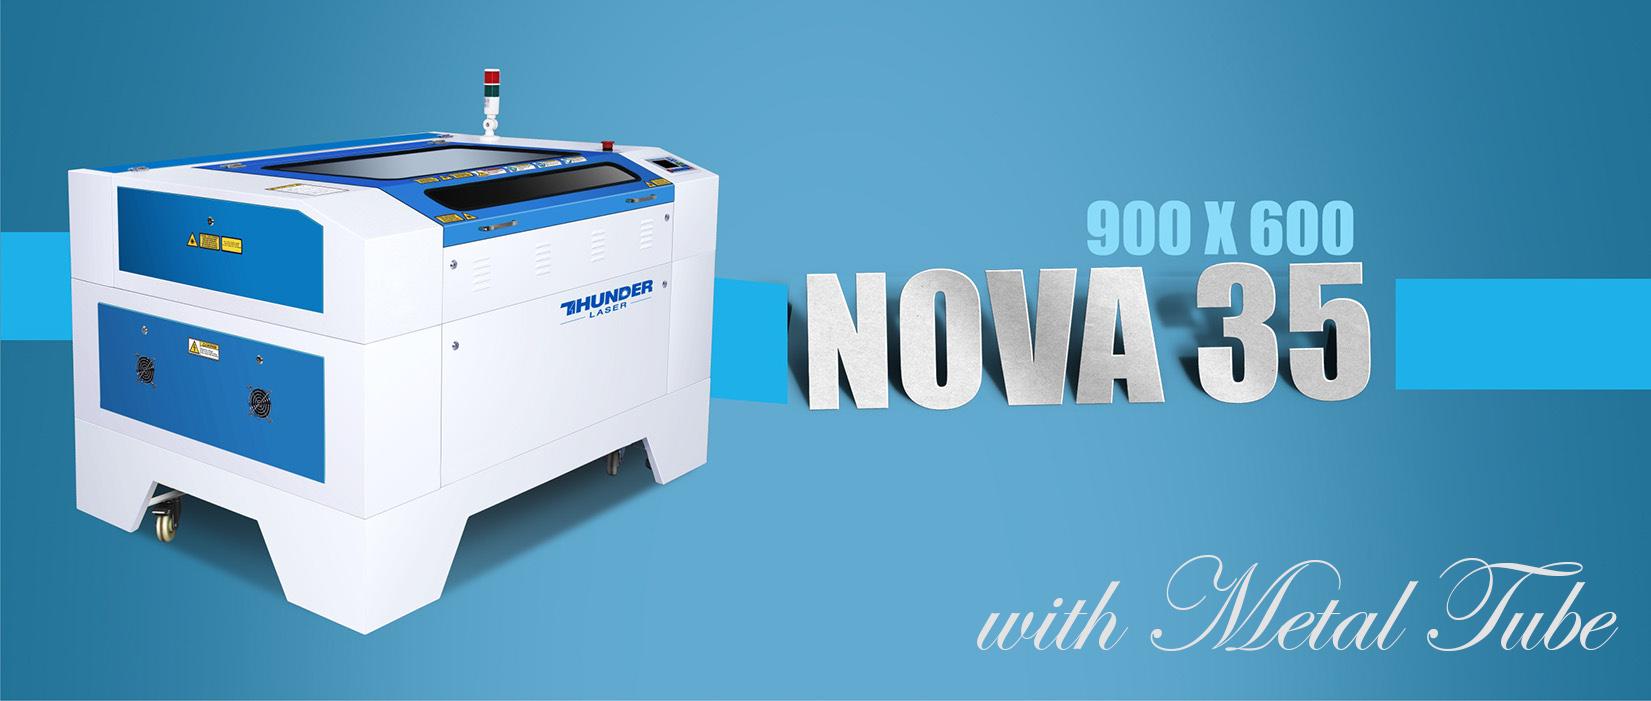 Nova35 laser engraving machine with metal tube